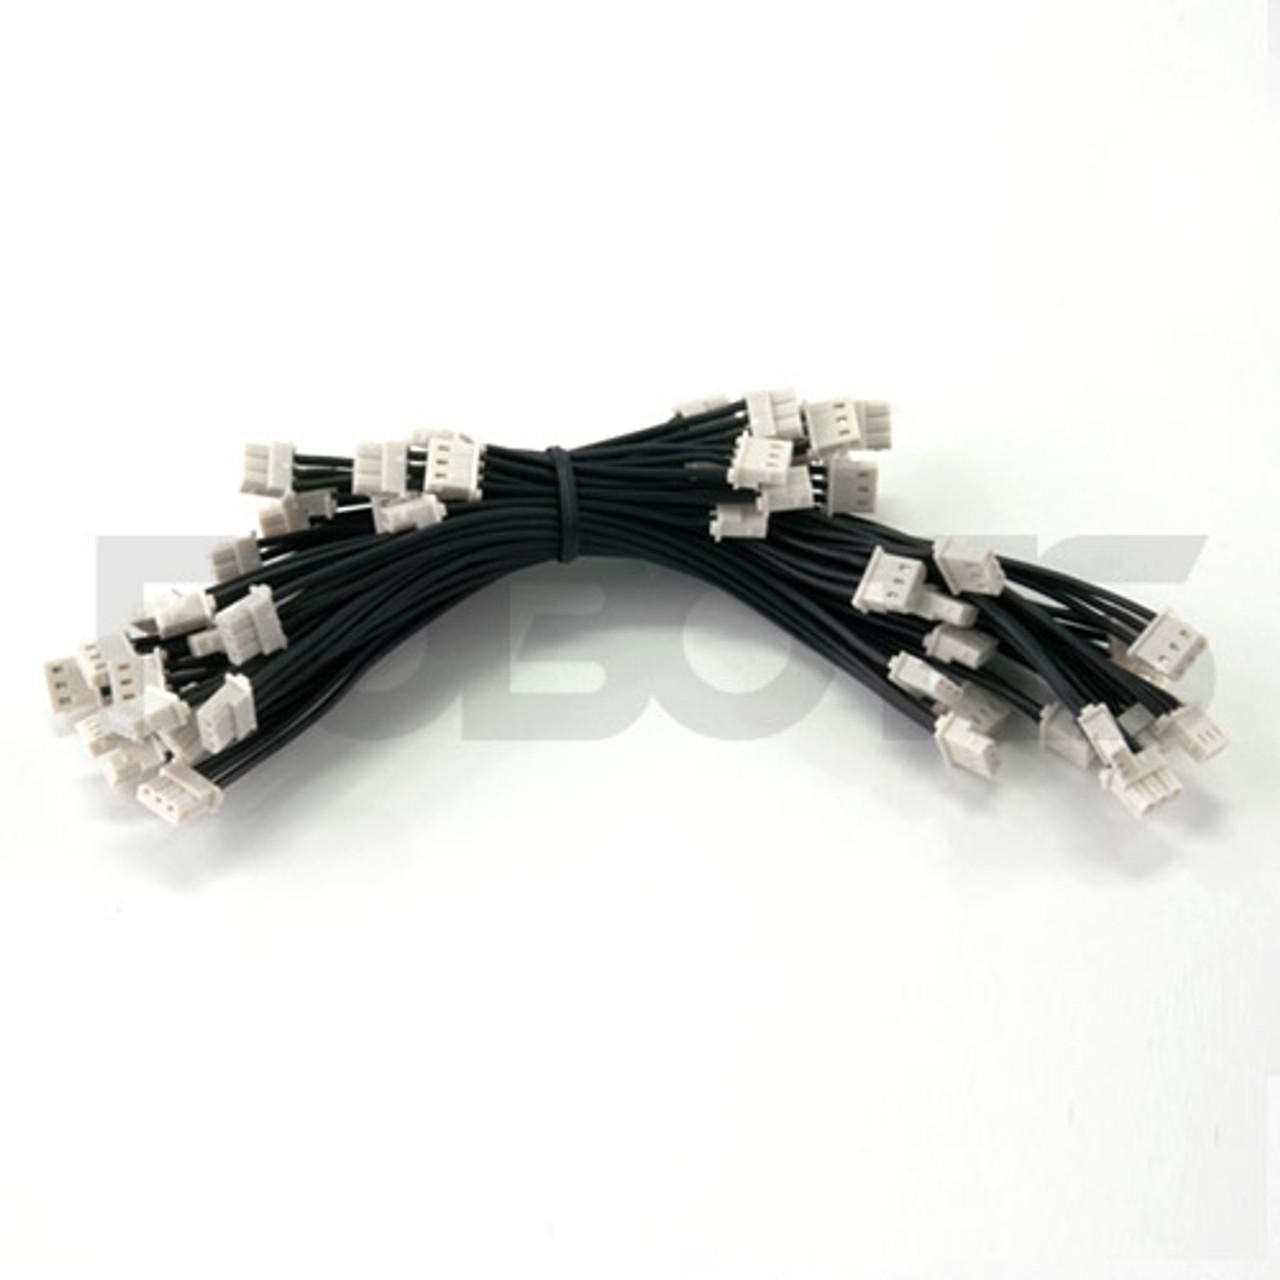 Robot Cable-3P Set BCS-3P01